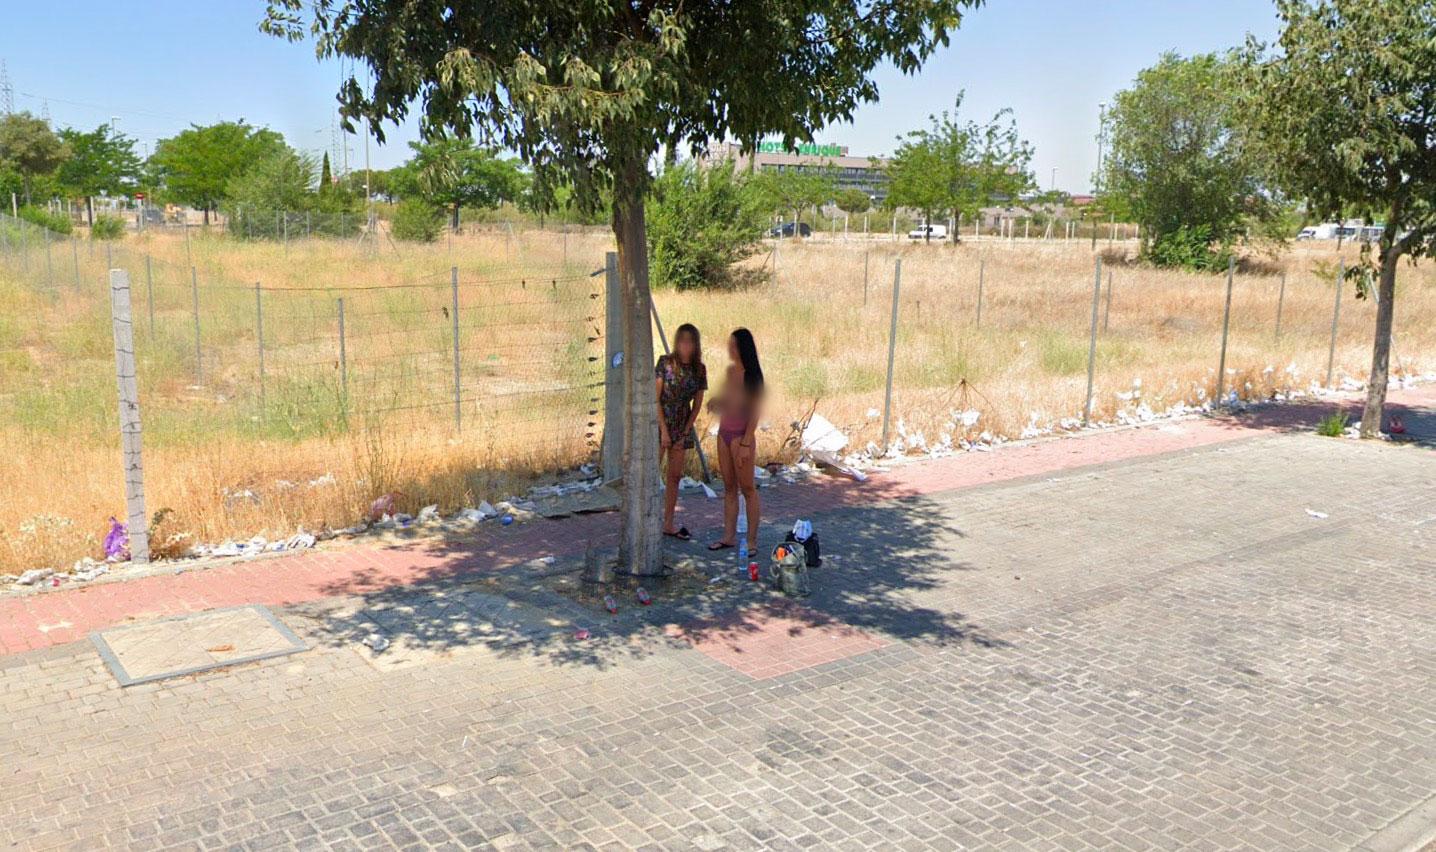 Drôle d'endroit pour faire du seins nus - Google Maps (image modifiée)